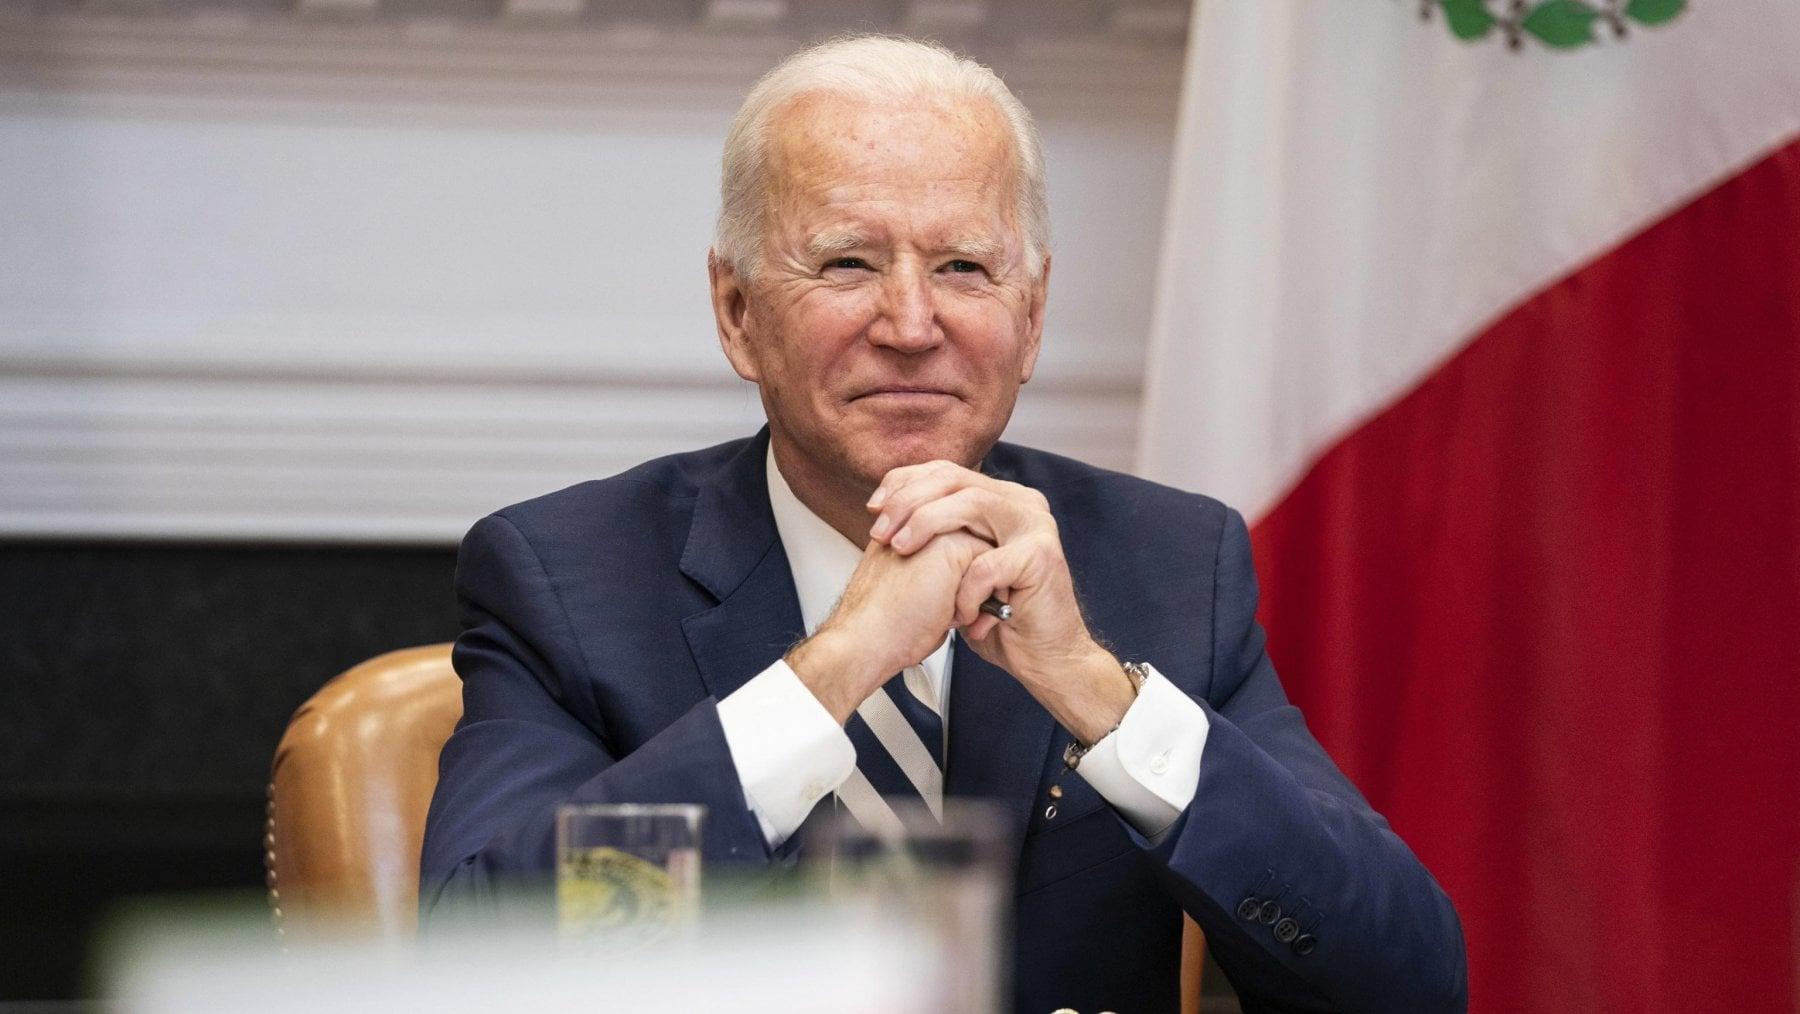 """214408031 f1bc29e0 c2c0 4b3c bcb8 93dcd638a8f1 - Biden: """"Putin è un killer"""". Mosca richiama l'ambasciatore: """"Un attacco a tutta la Russia"""""""